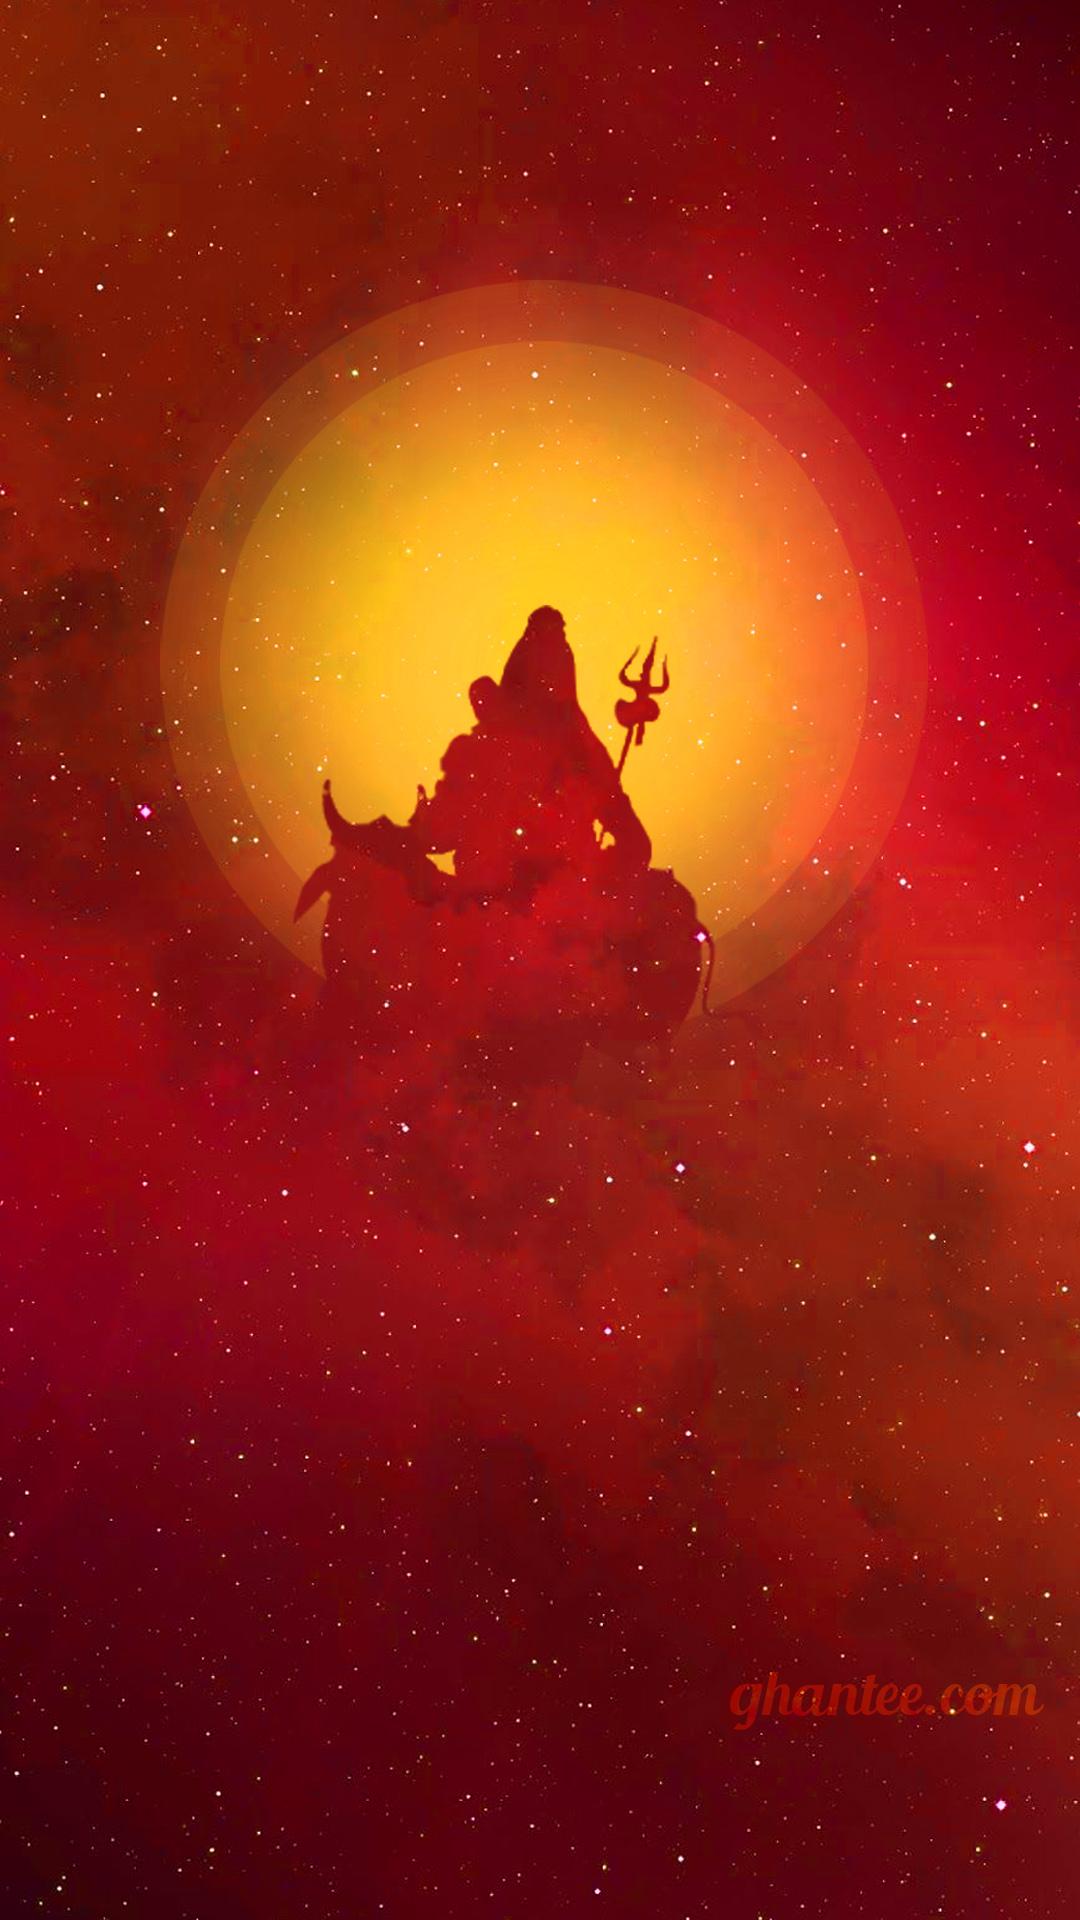 mahadev galaxy spirit wallpaper